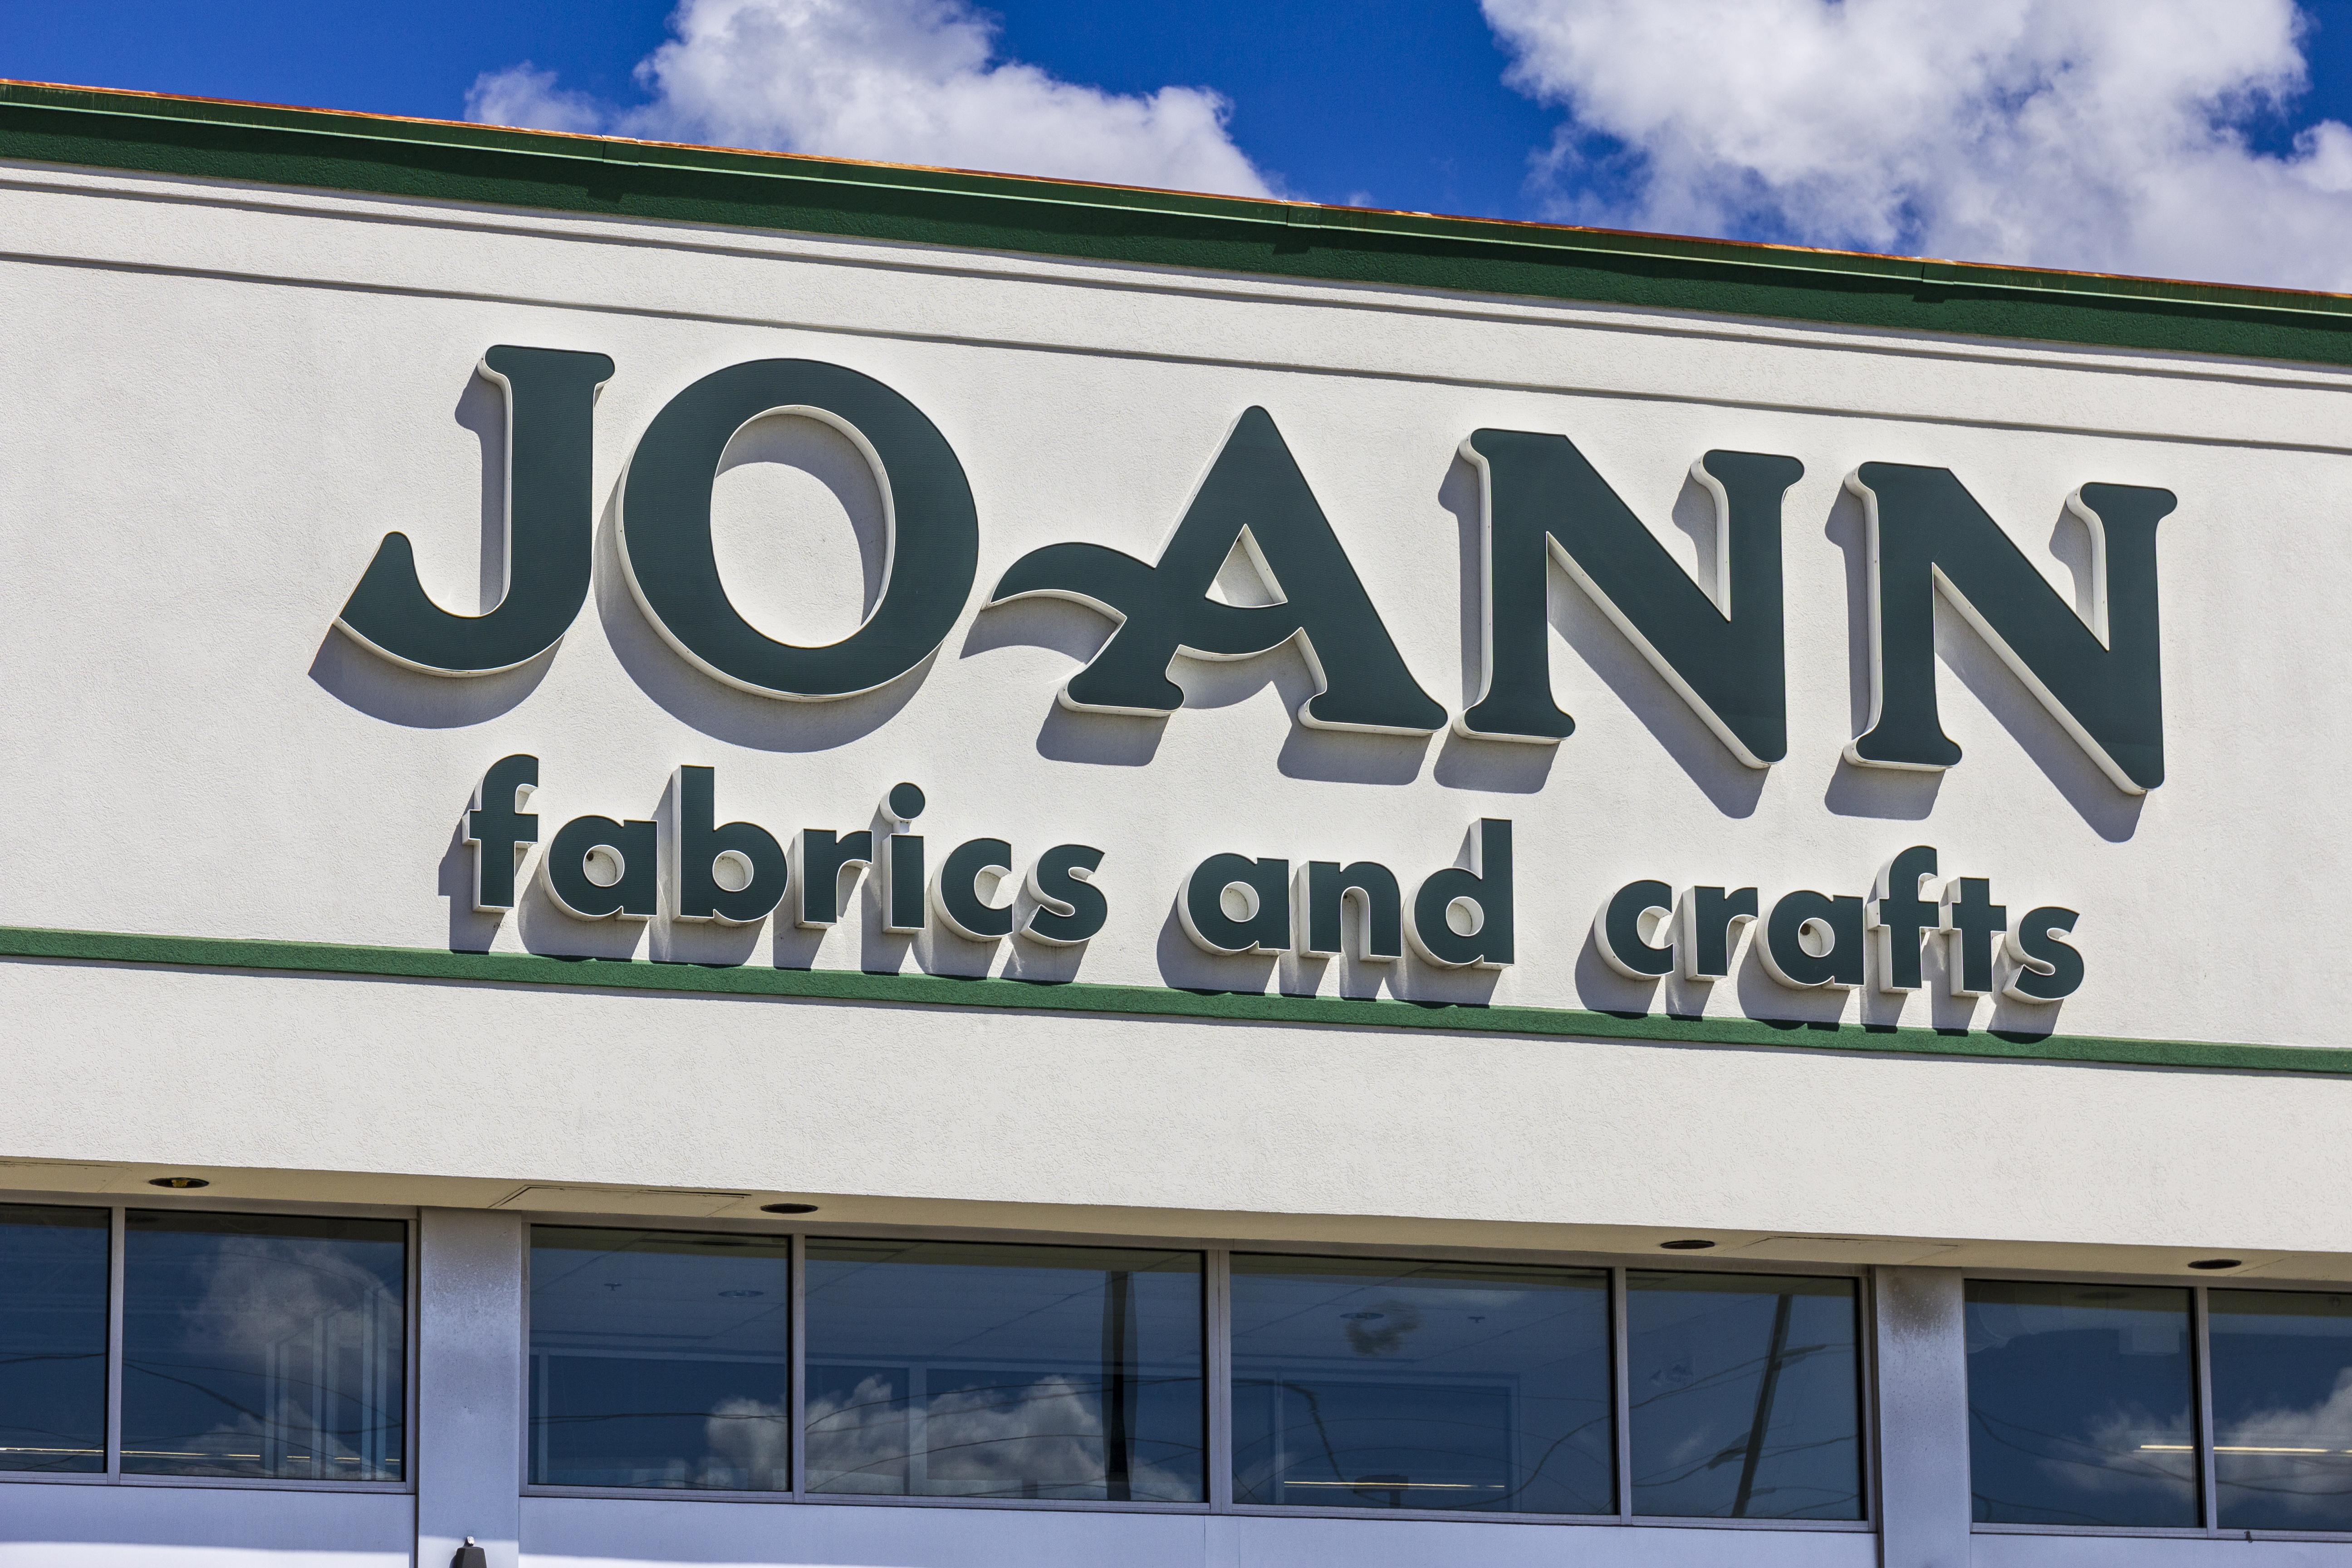 retail market research joeann fabric